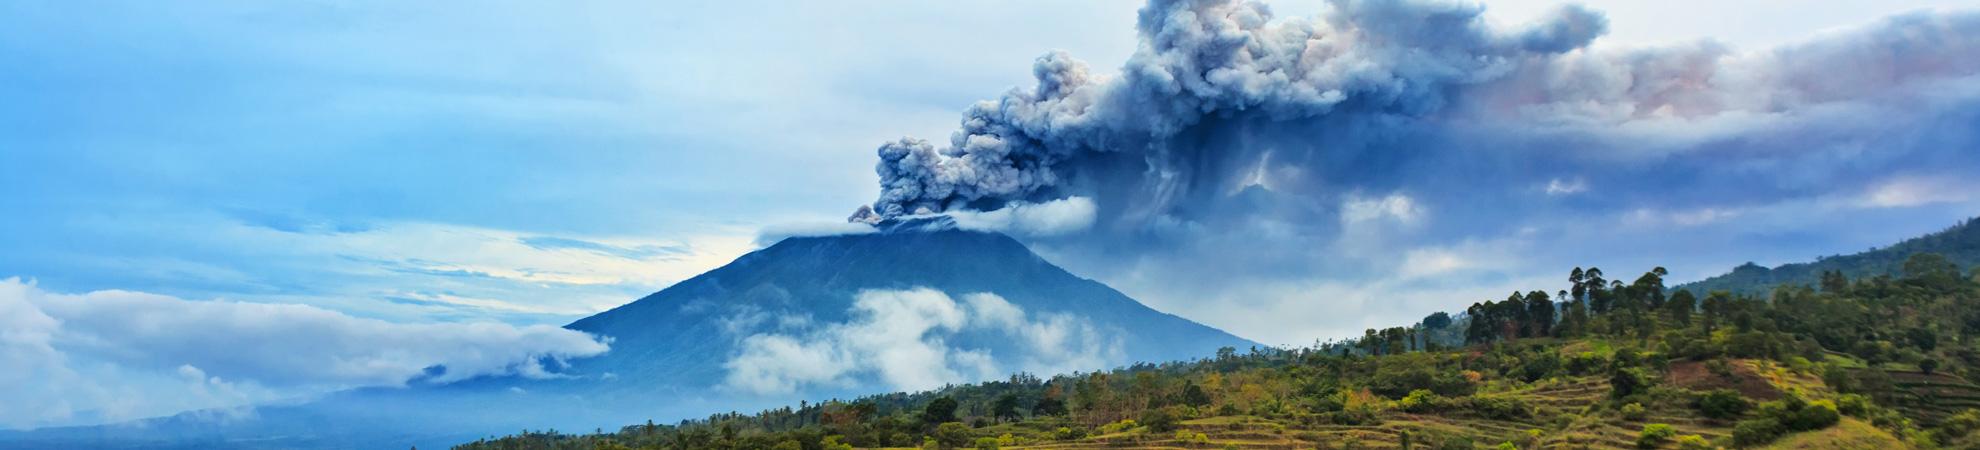 Les risques naturels à Bali